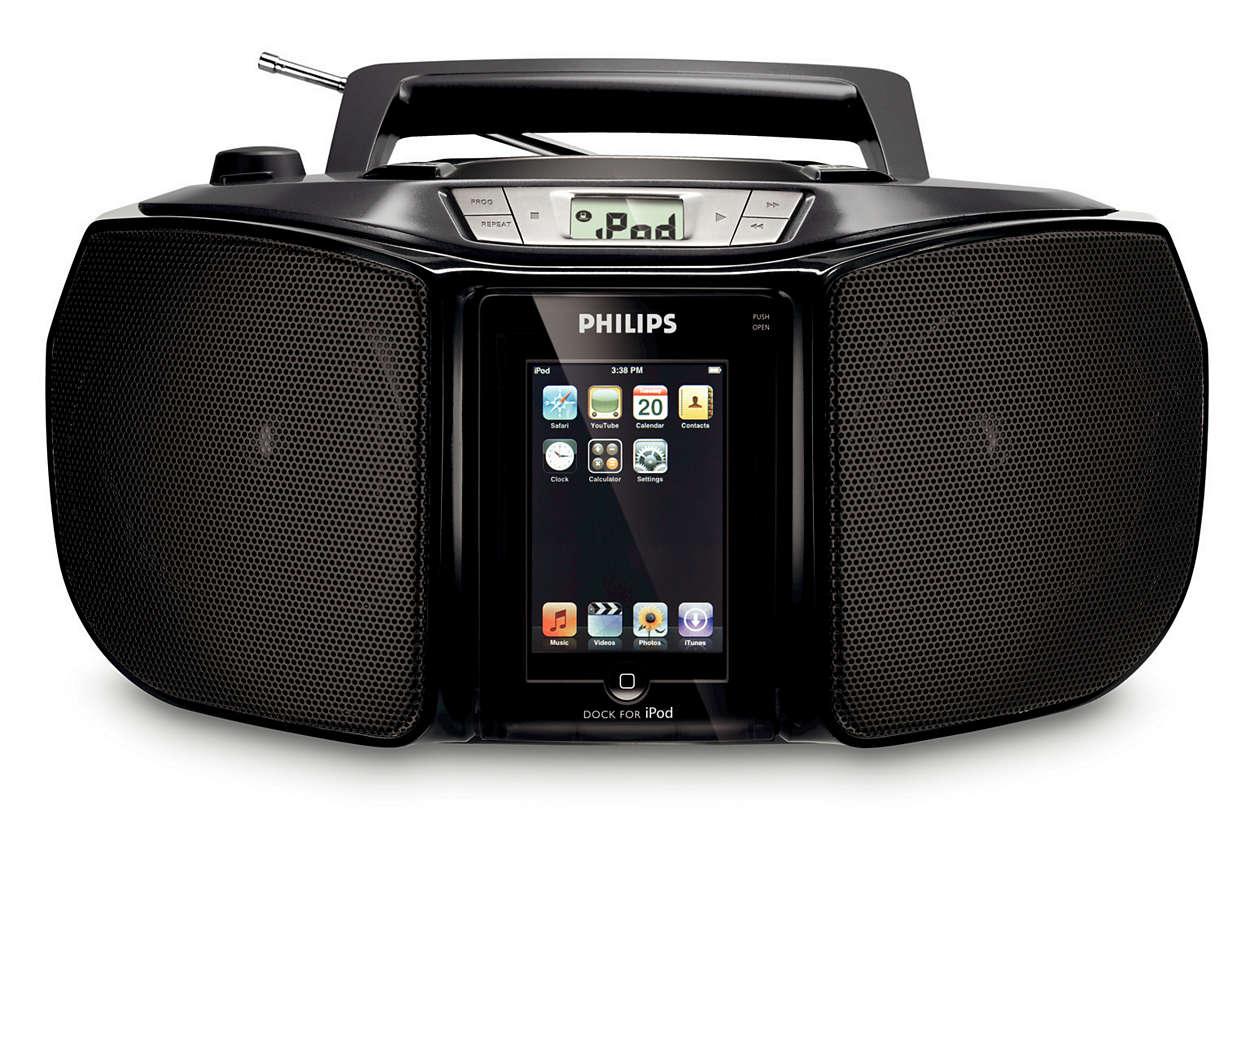 Bucuraţi-vă de iPod şi de muzica MP3 la maxim, oriunde mergeţi